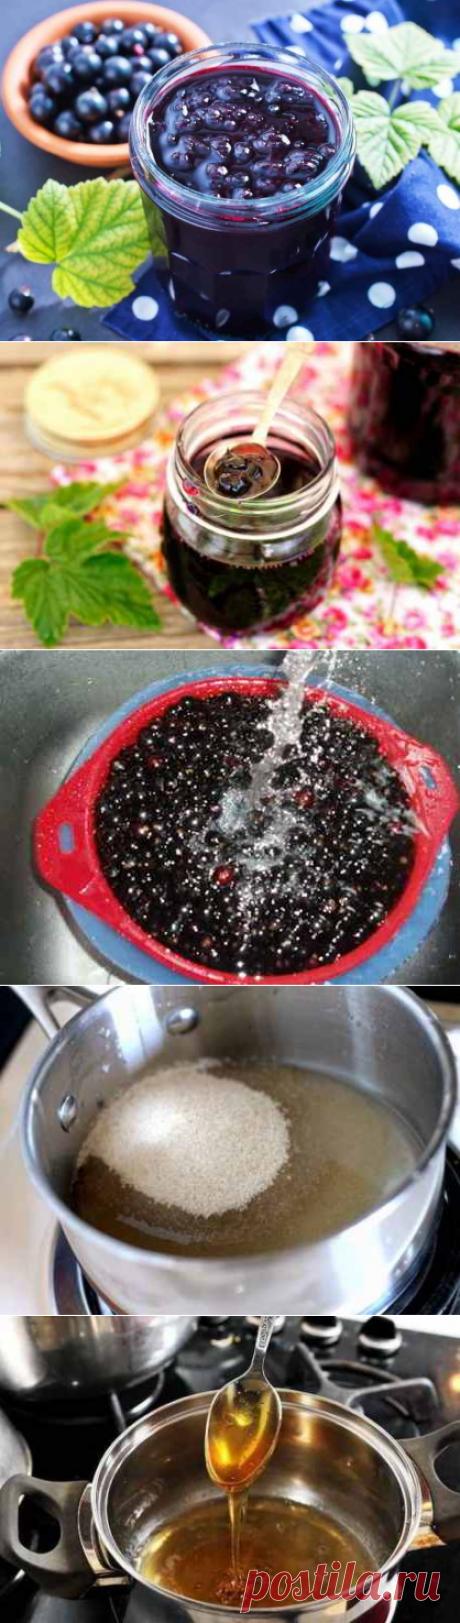 Заготовки на зиму: варенье из черной смородины!